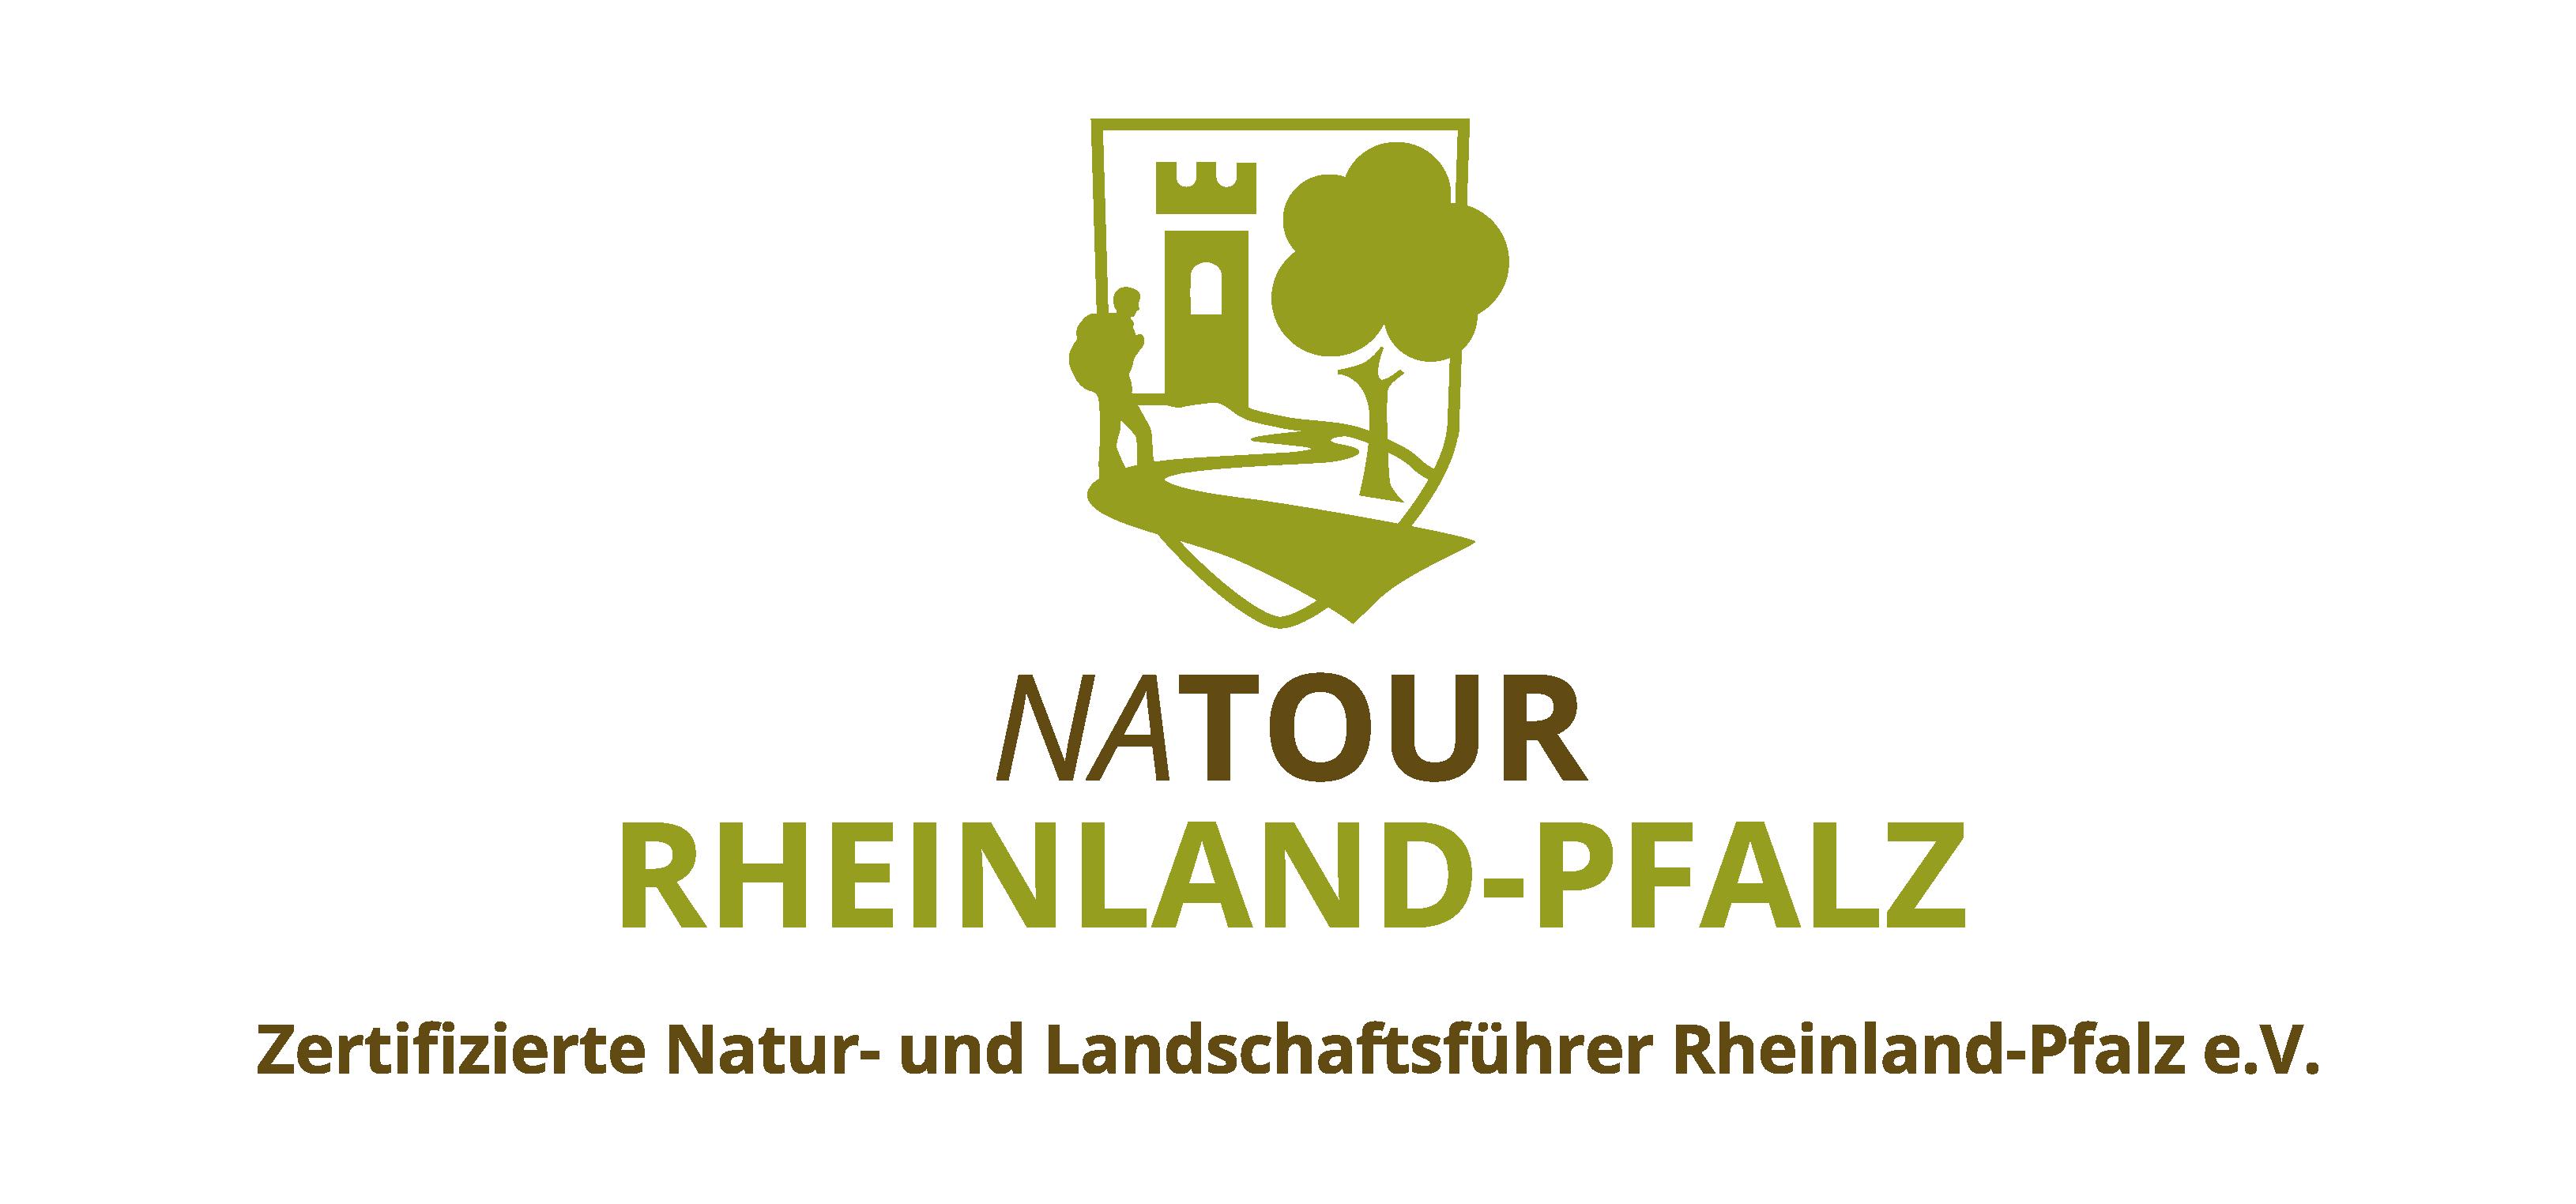 Natourführer Rheinland-Pfalz | www.natourfuehrer-rlp.com